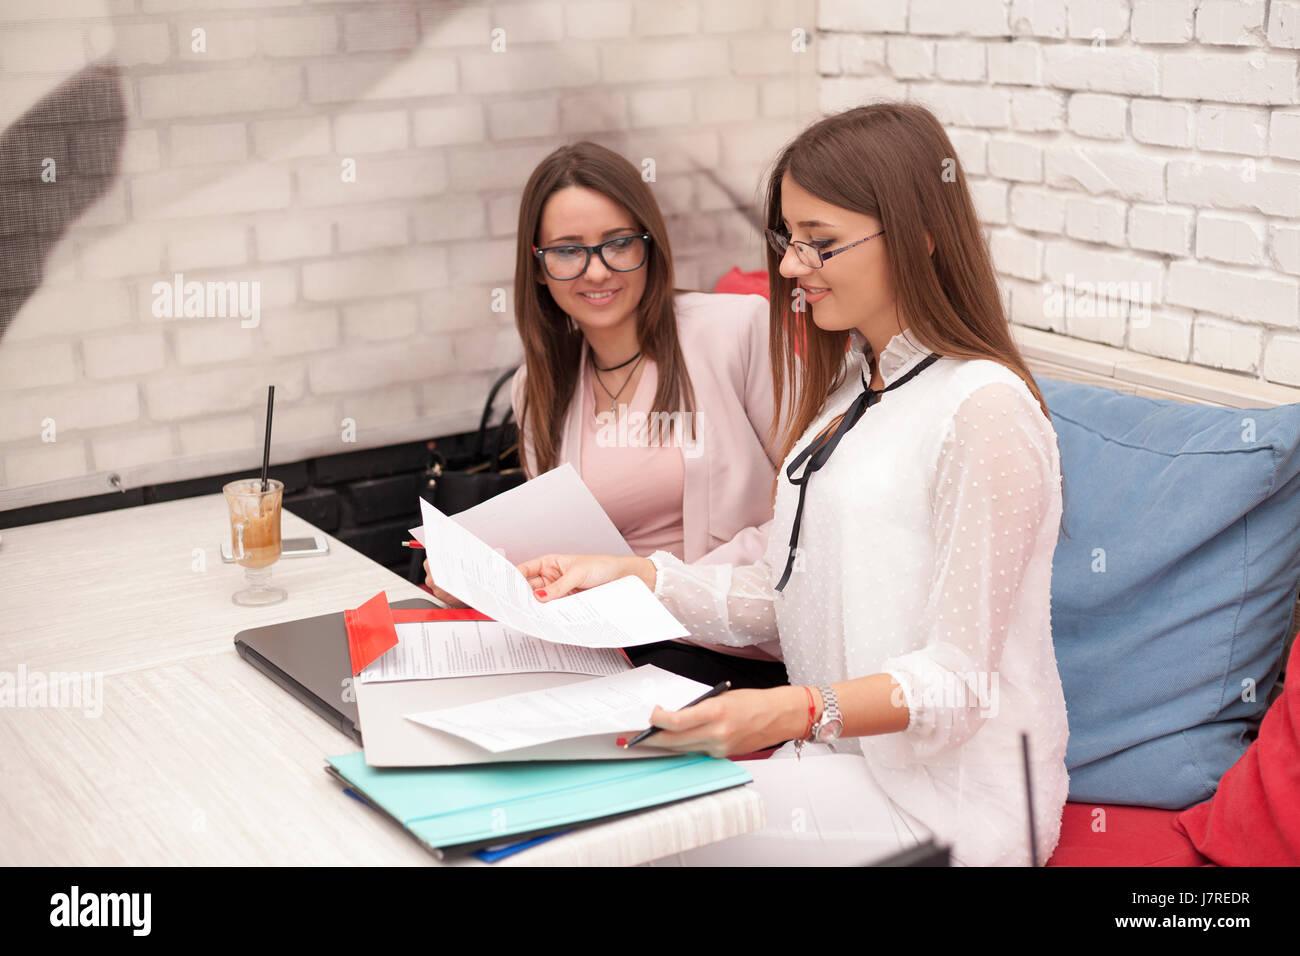 Due giovani donne sorridente in un incontro di affari. Risolvere i problemi relativi alle aziende Immagini Stock